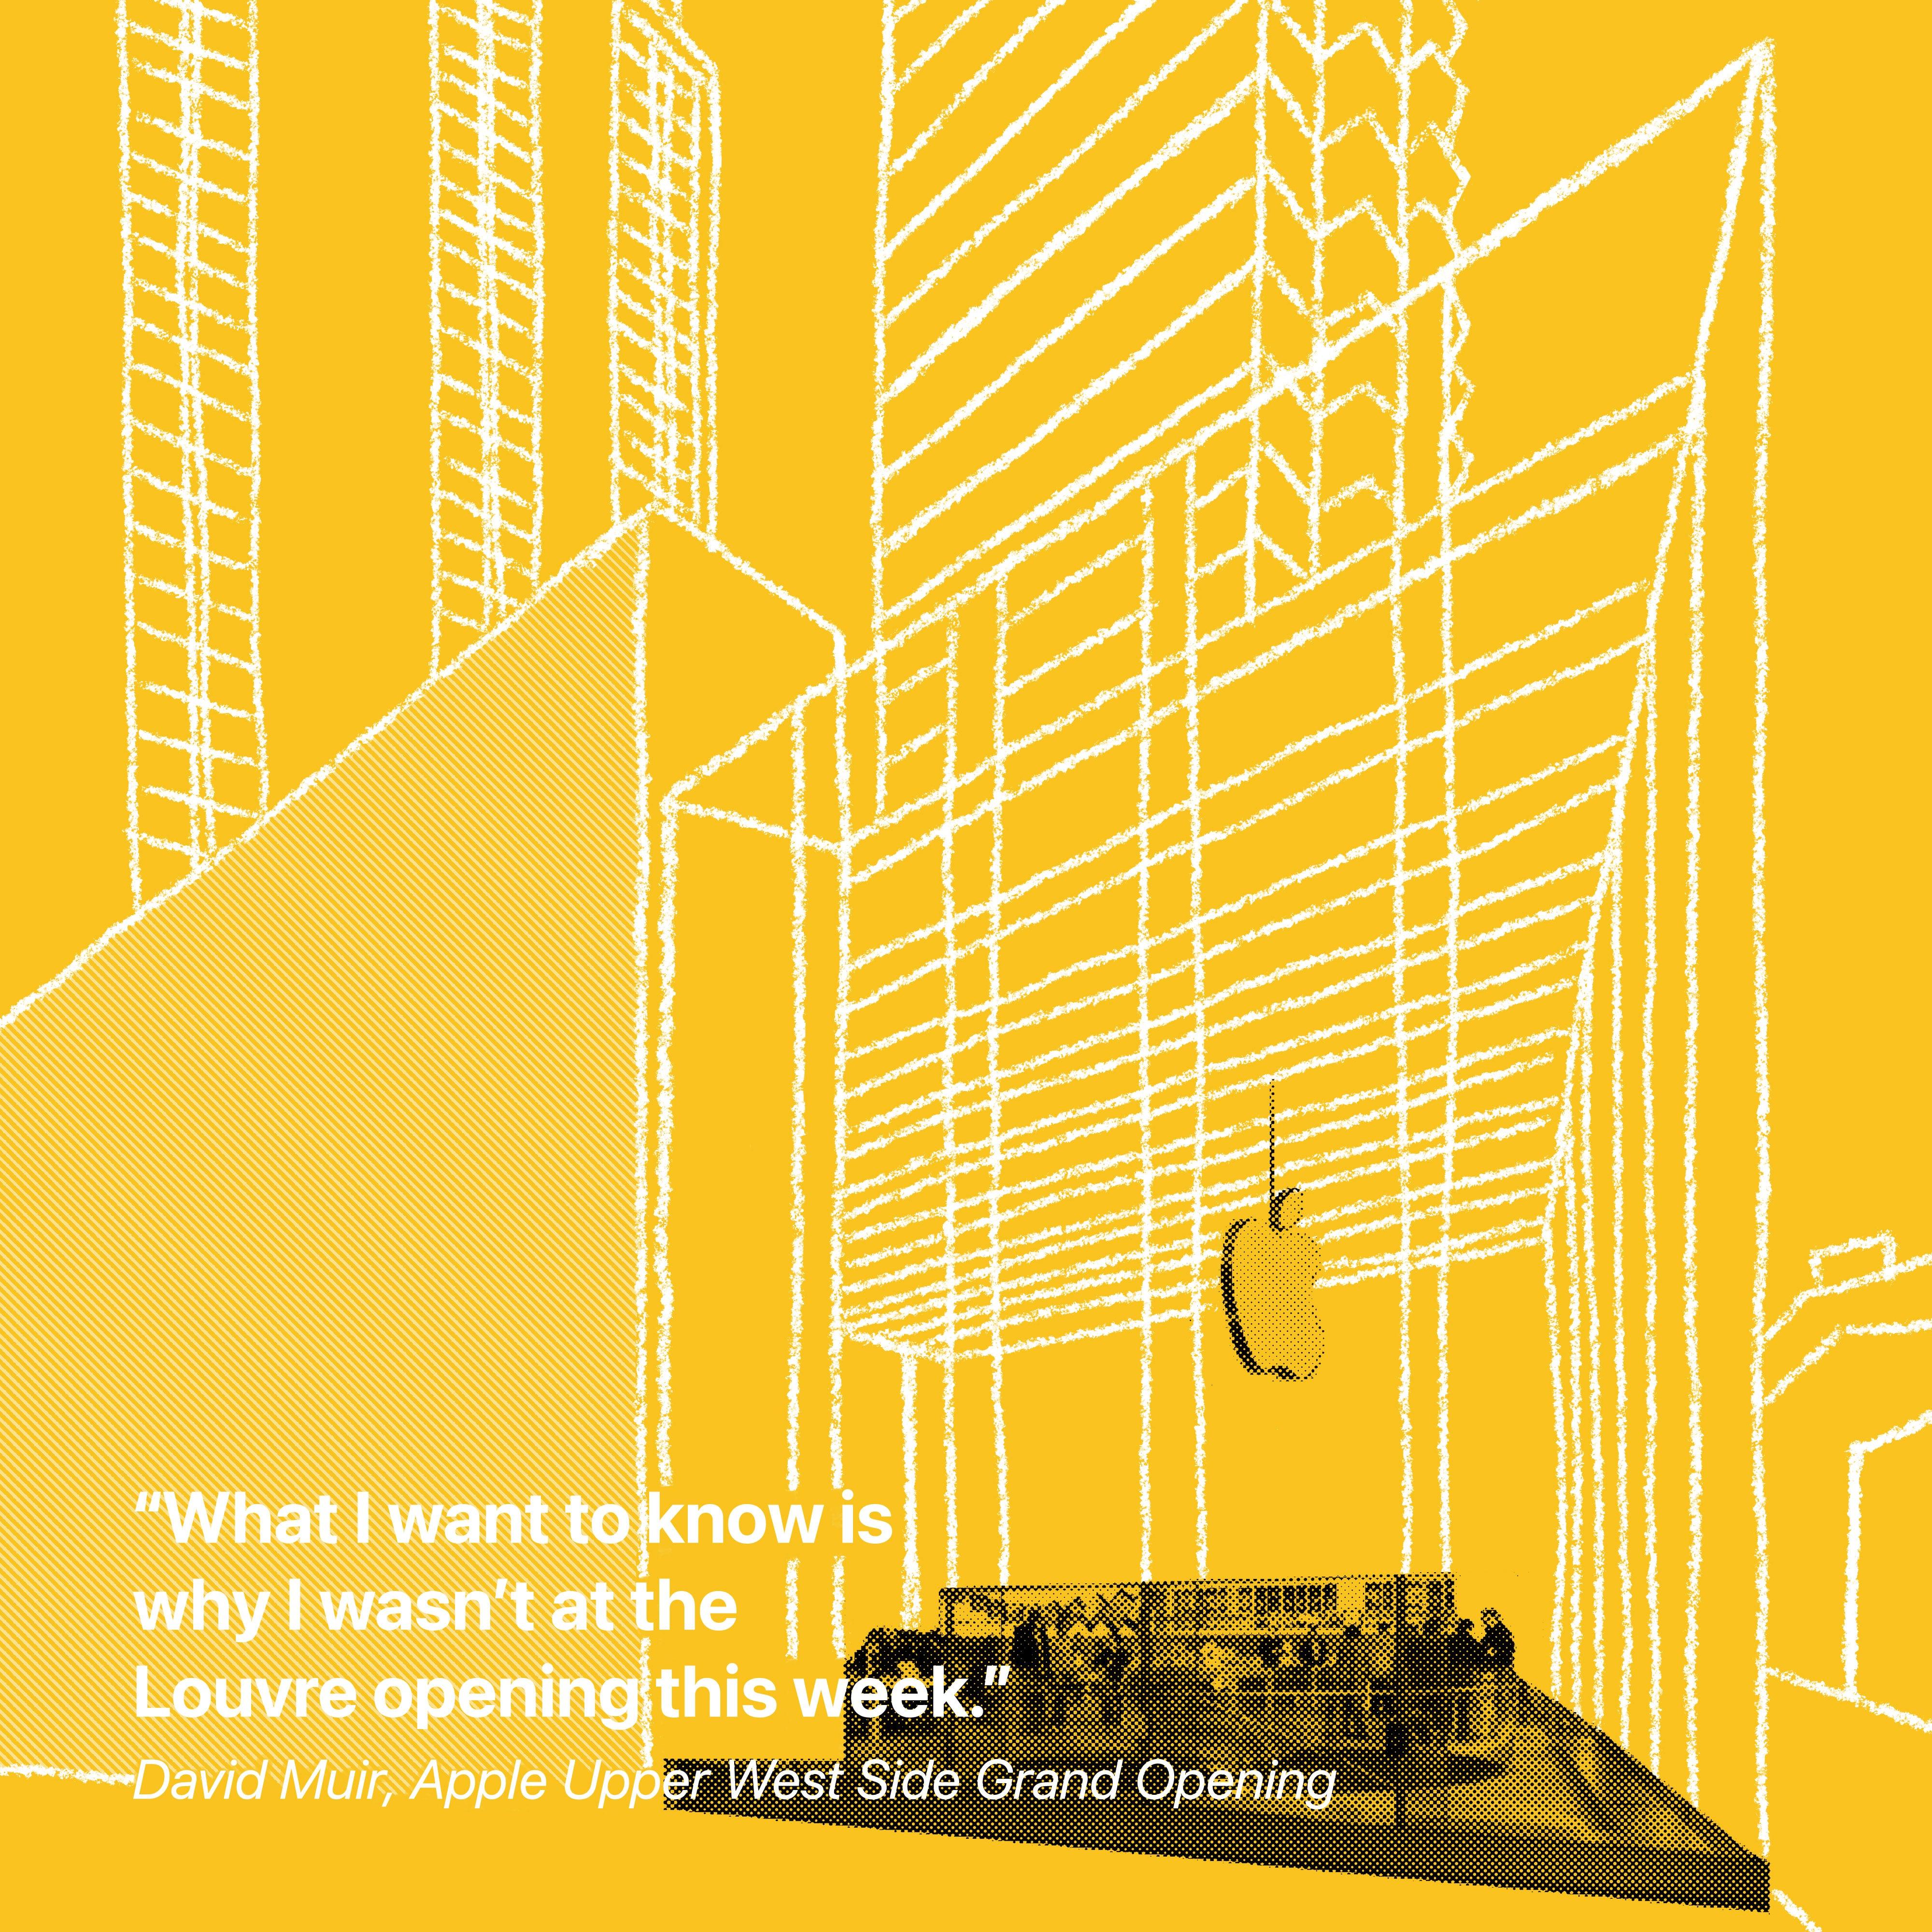 """""""Ce que je veux savoir, c'est pourquoi je n'étais pas à l'ouverture du Louvre cette semaine."""" David Muir, grande ouverture Apple Upper West Side"""